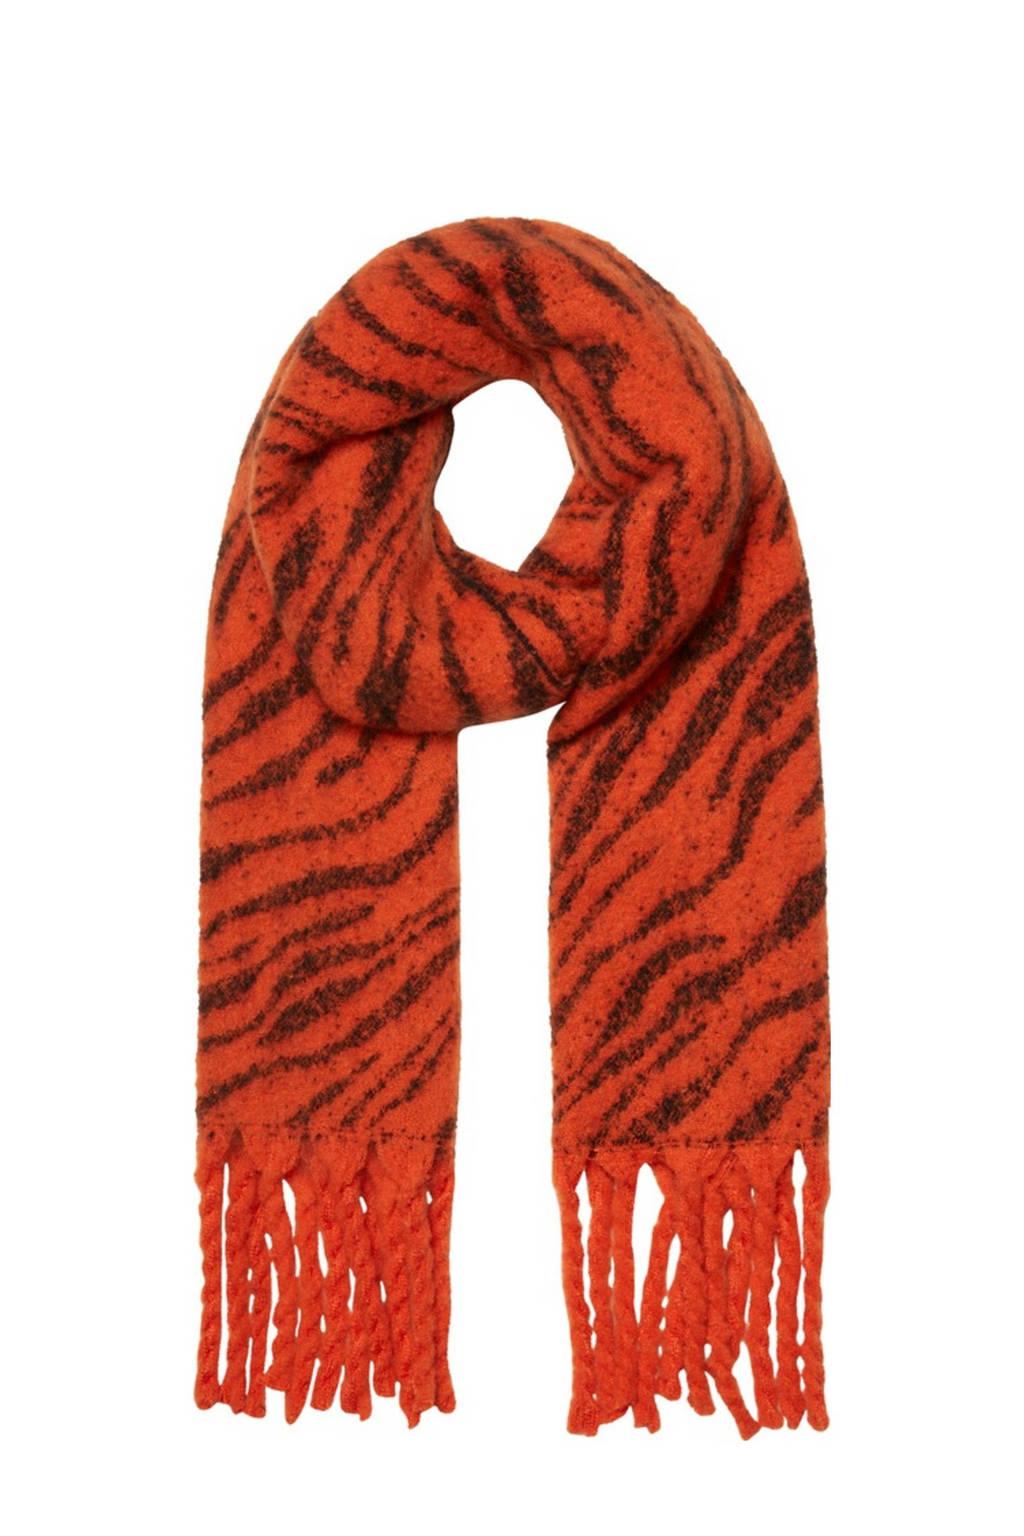 VERO MODA gestreepte sjaal rood, Rood